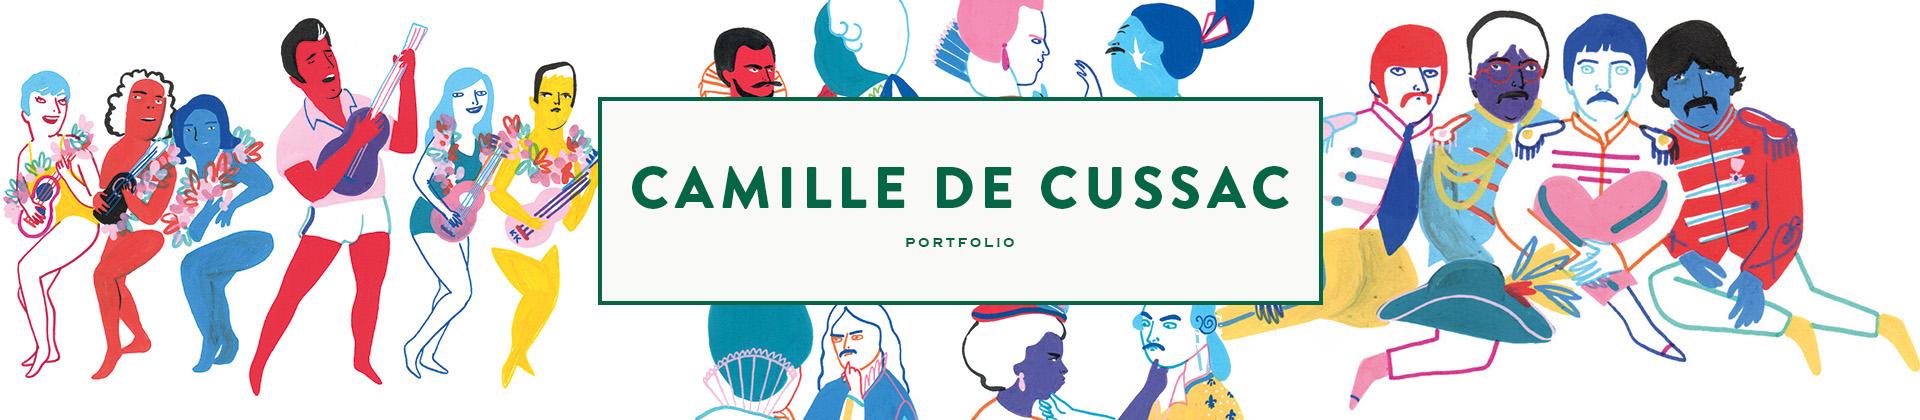 Camille de Cussac